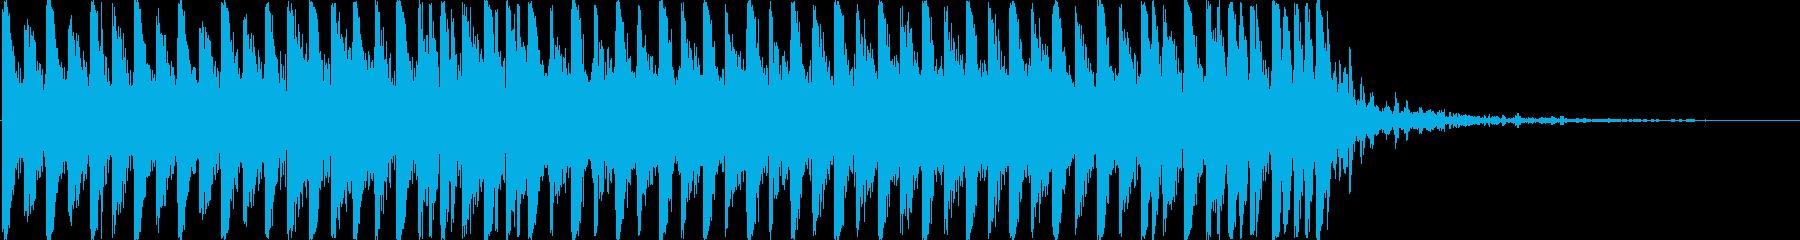 【効果音なし】透明でおしゃれなシンセショの再生済みの波形